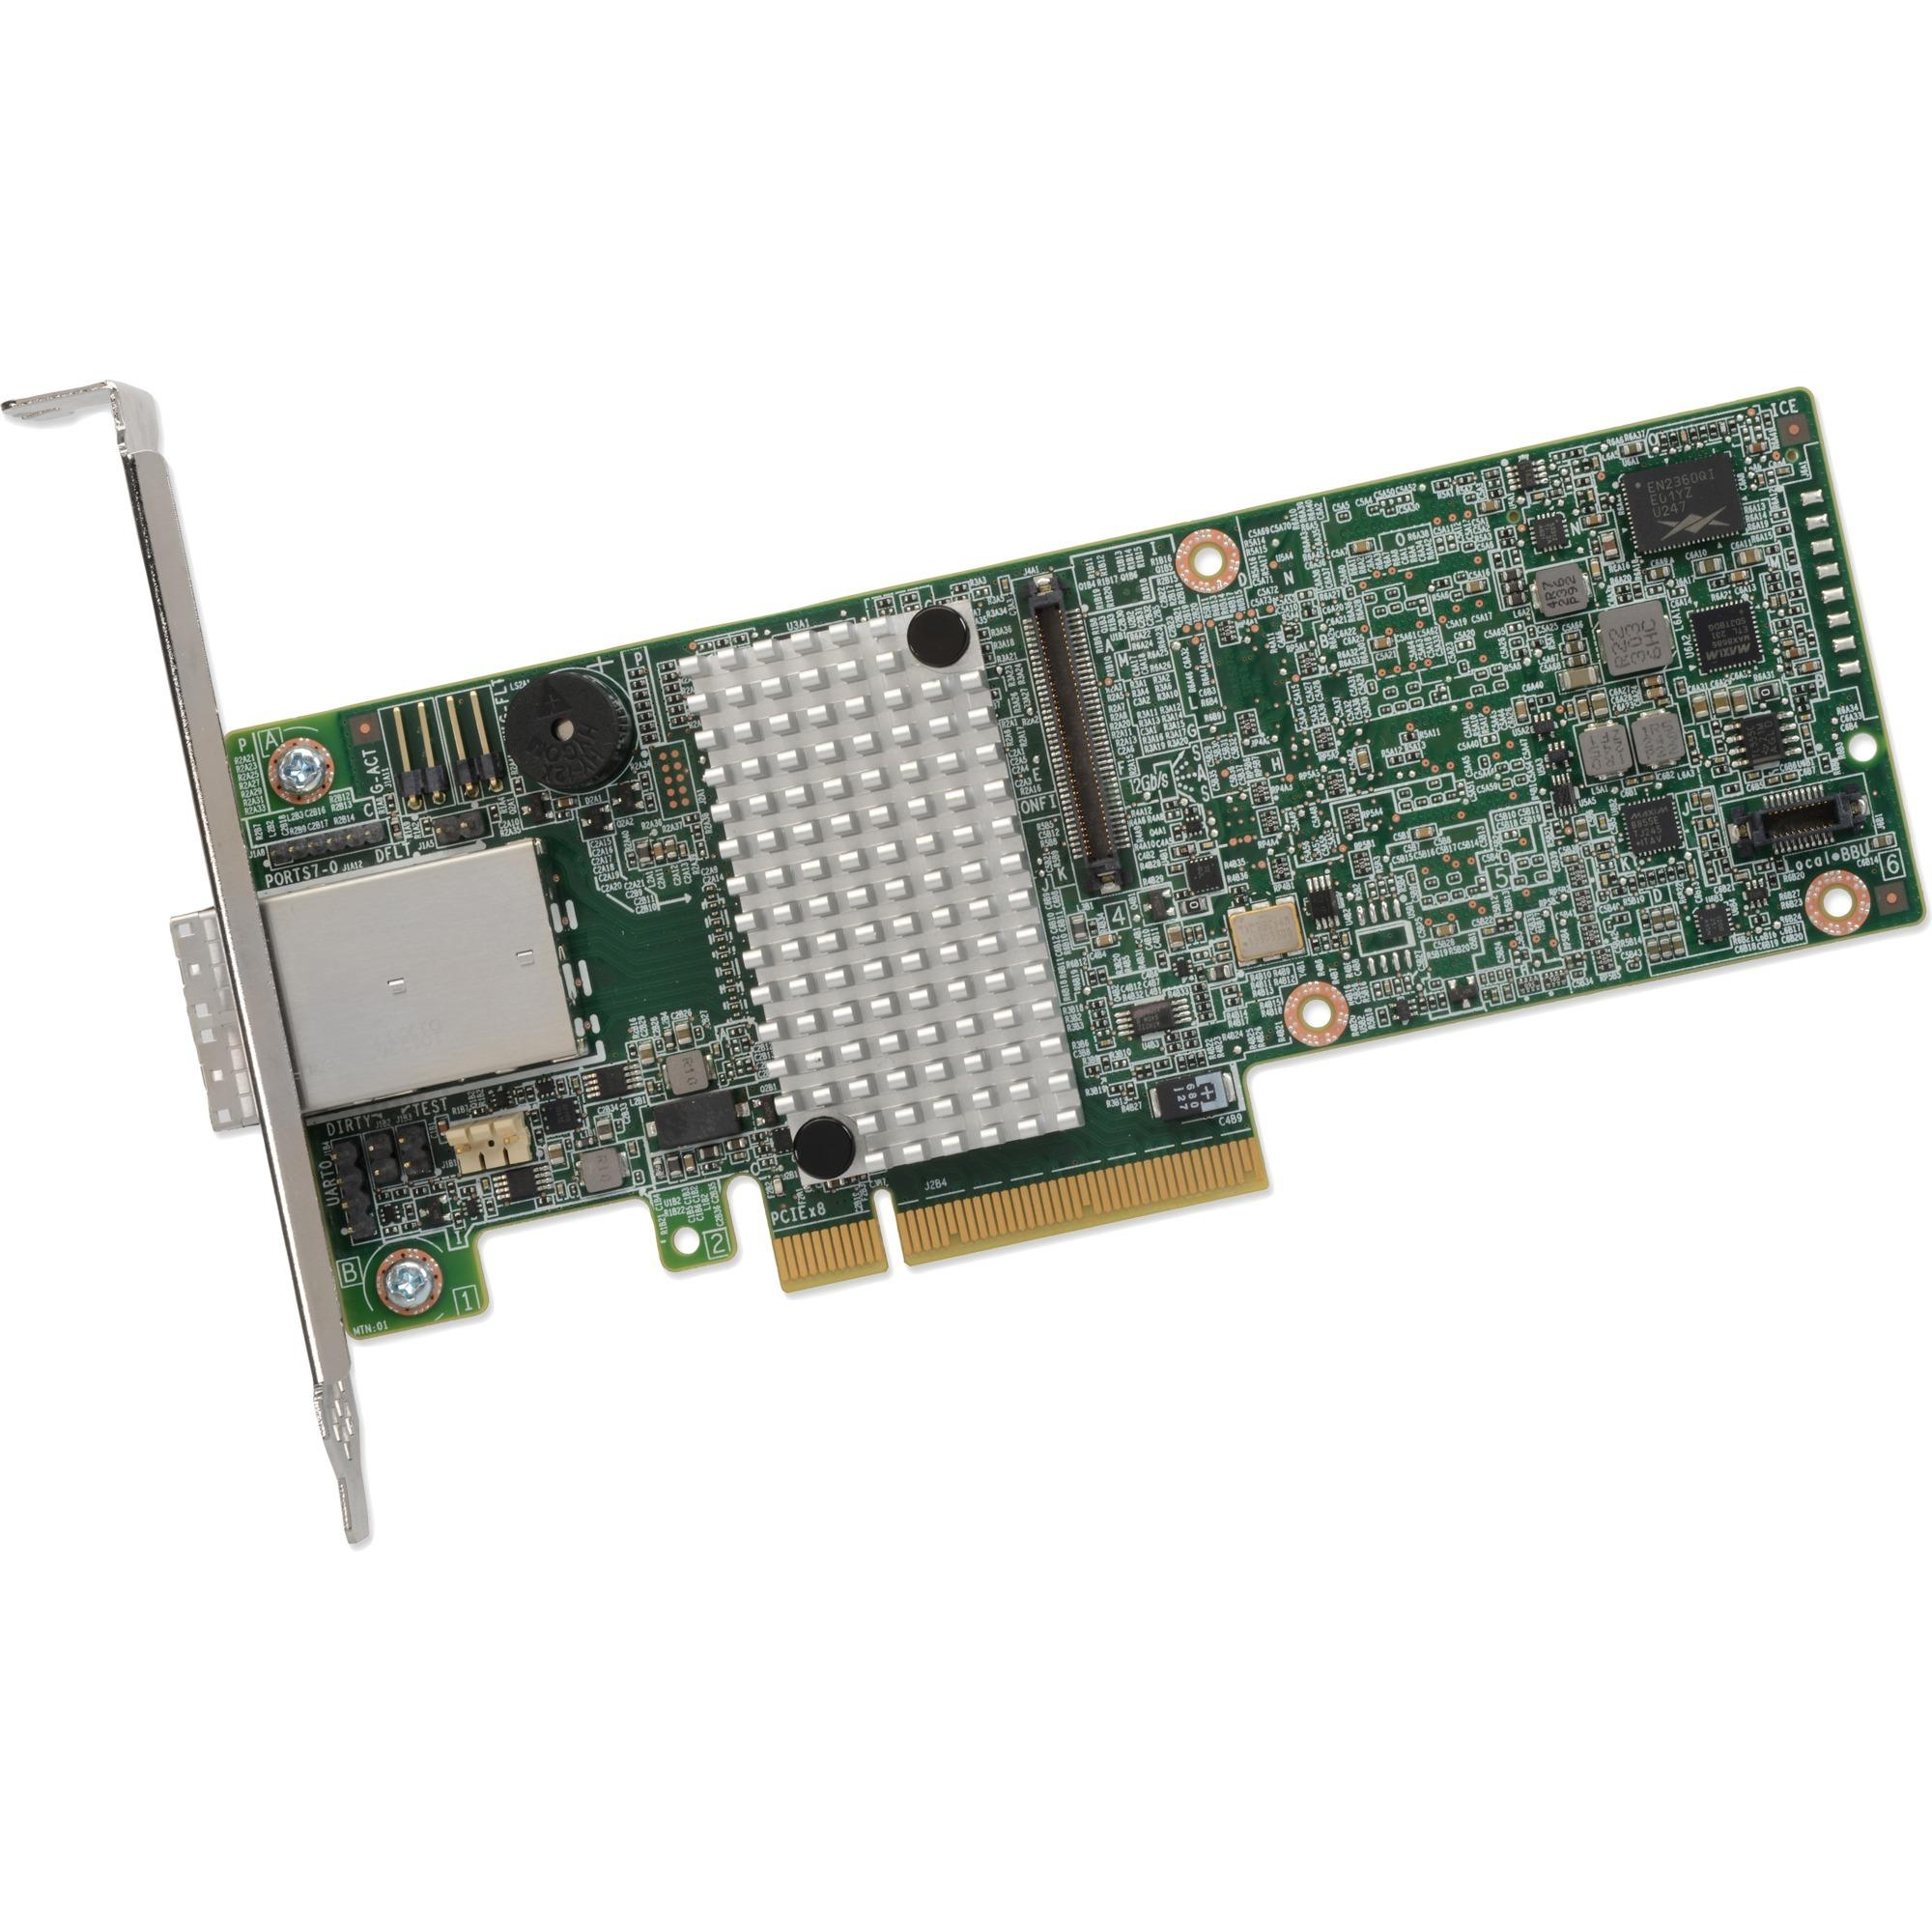 MegaRAID SAS 9380-8e PCI Express x8 3.0 12Gbit/s controlado RAID, Controlador